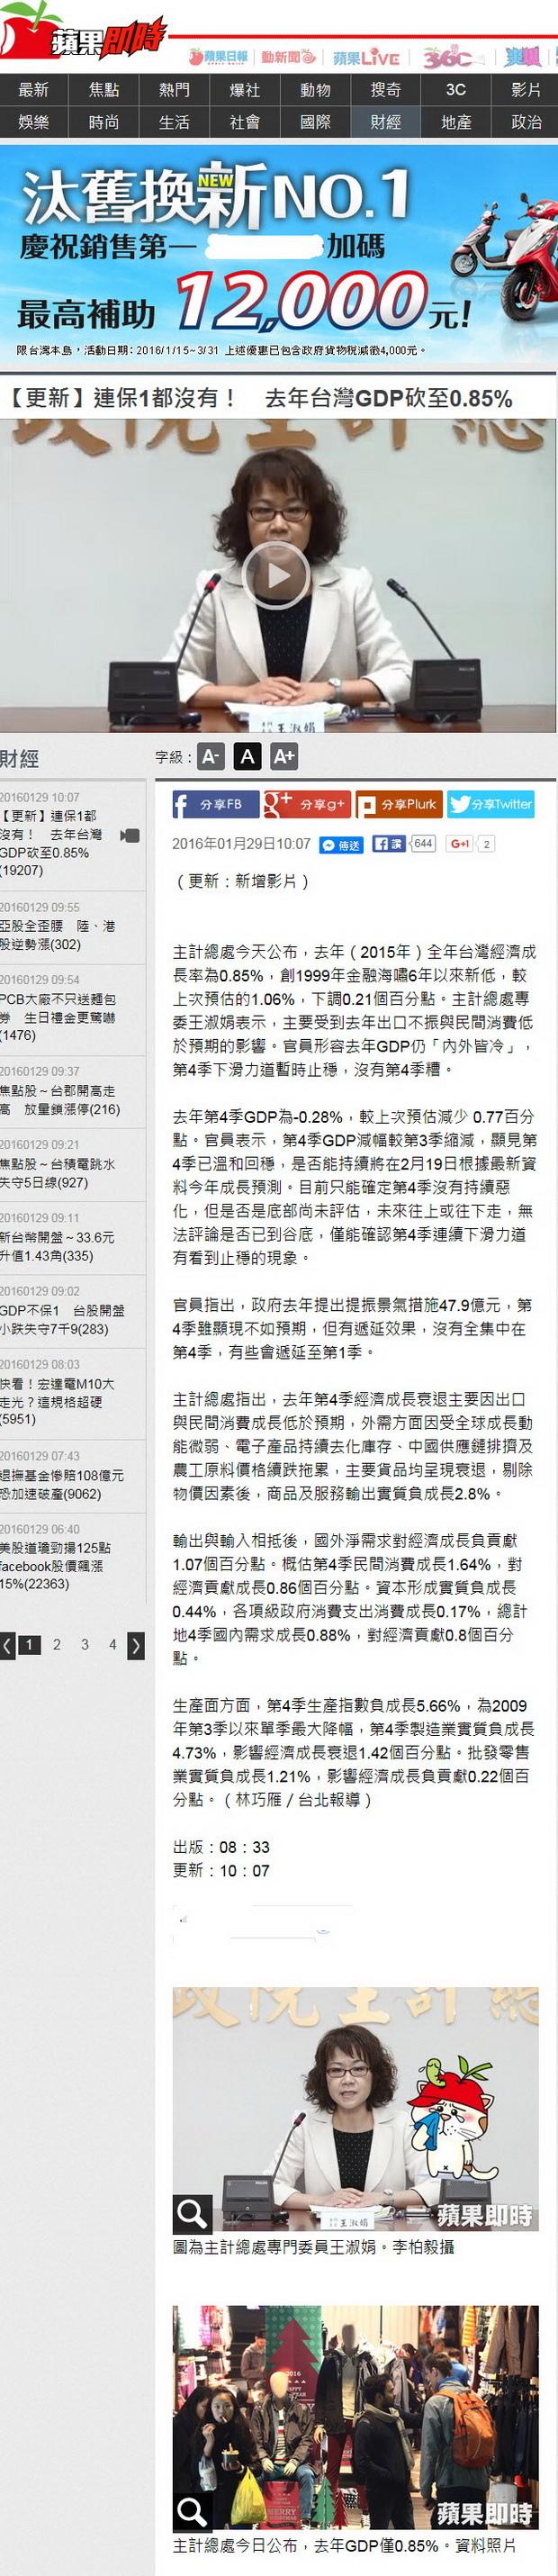 連保1都沒有! 去年台灣GDP砍至0.85%  -2016.01.29.jpg